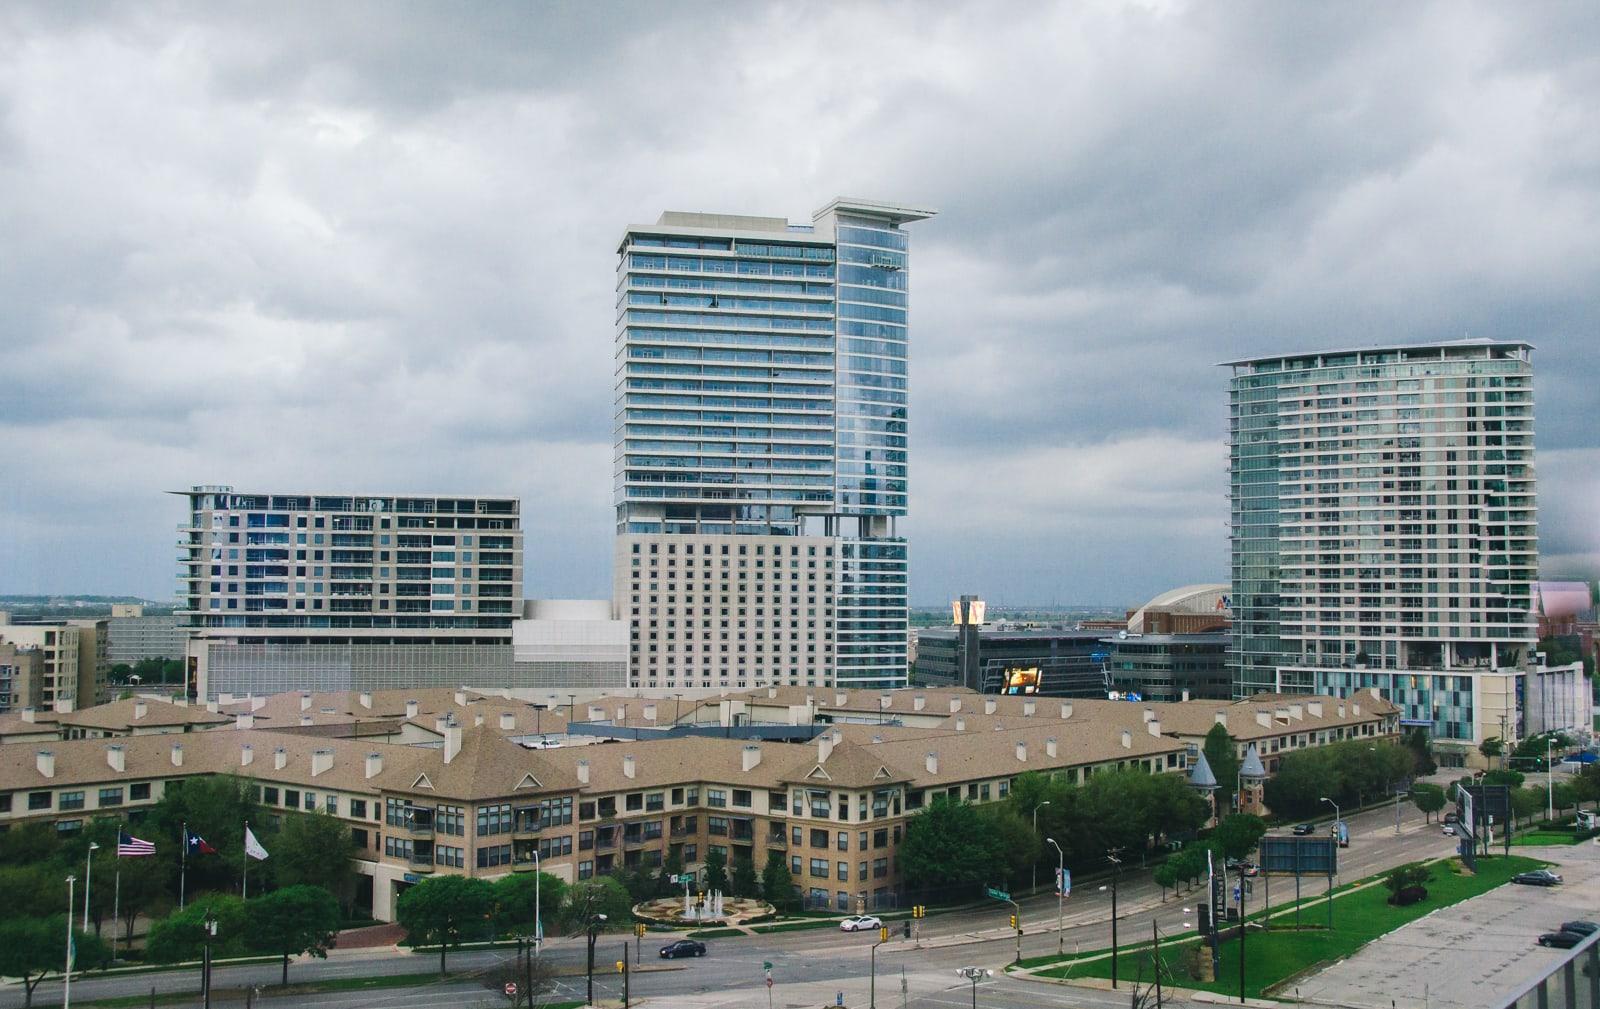 The W Hotel in a Dallas Storm